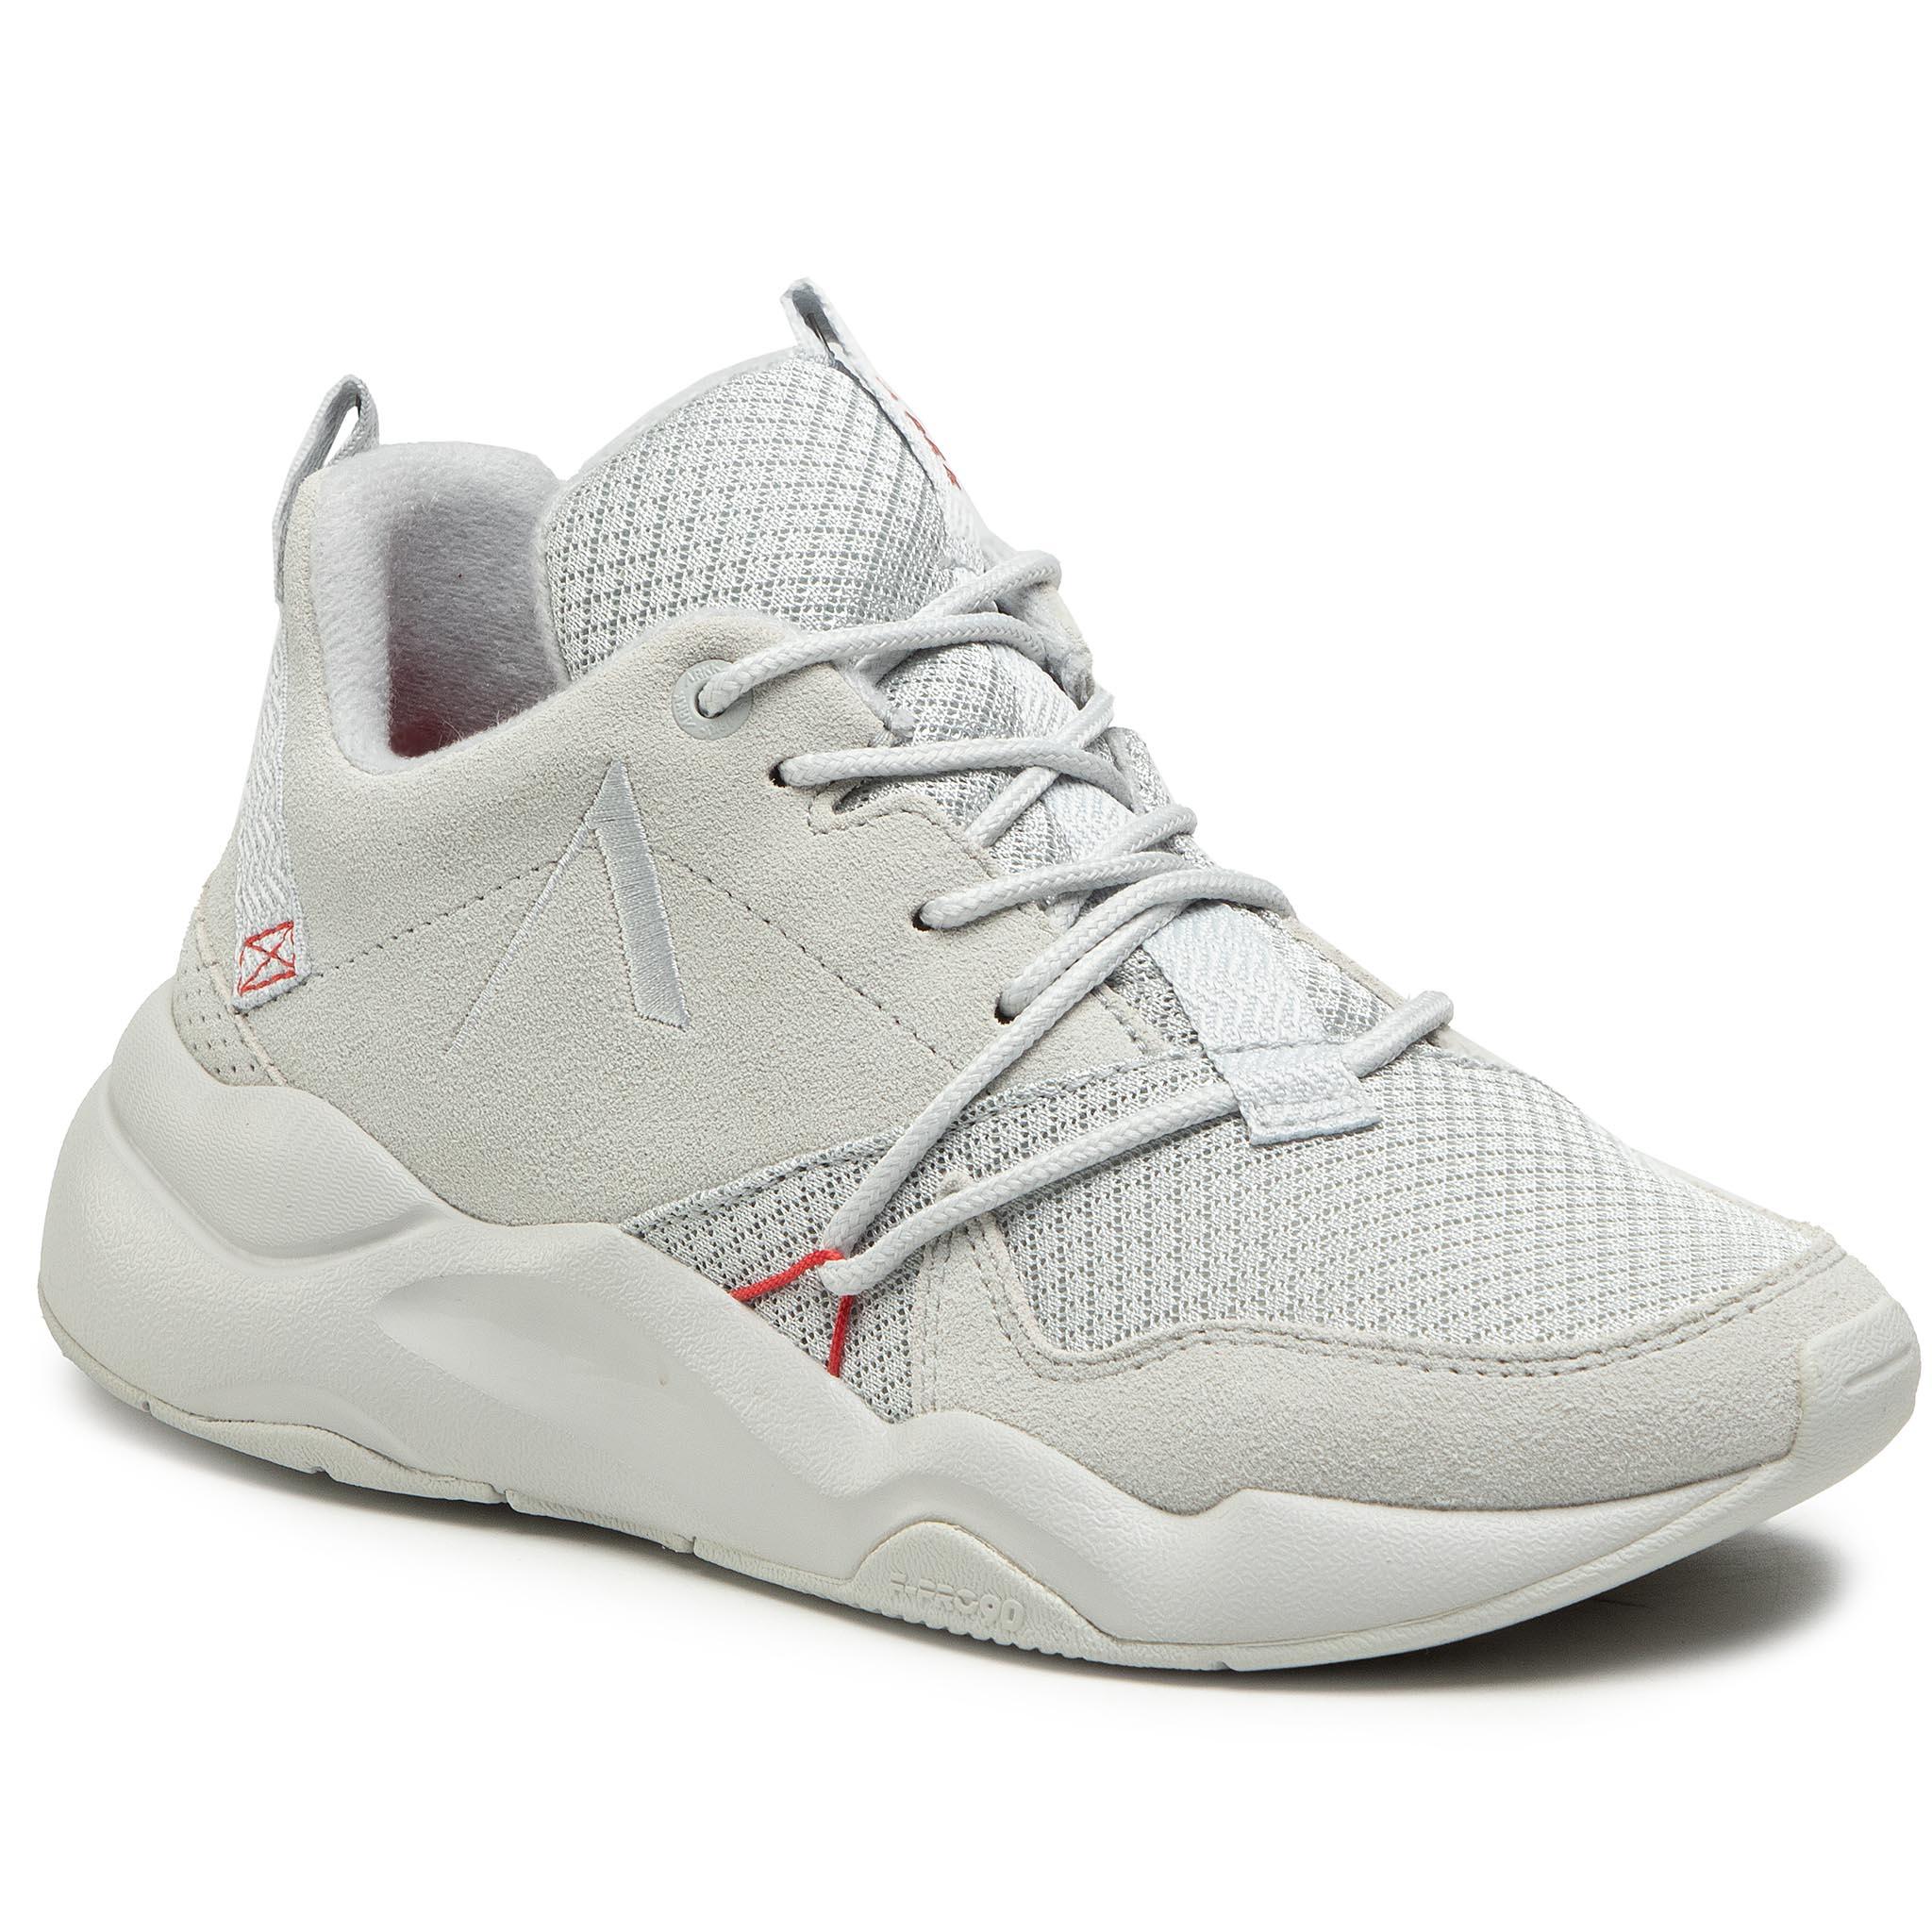 Image of Sneakers ARKK COPENHAGEN - Asymtrix Suede F-PRO90 SL3004-0022-W Ice Grey